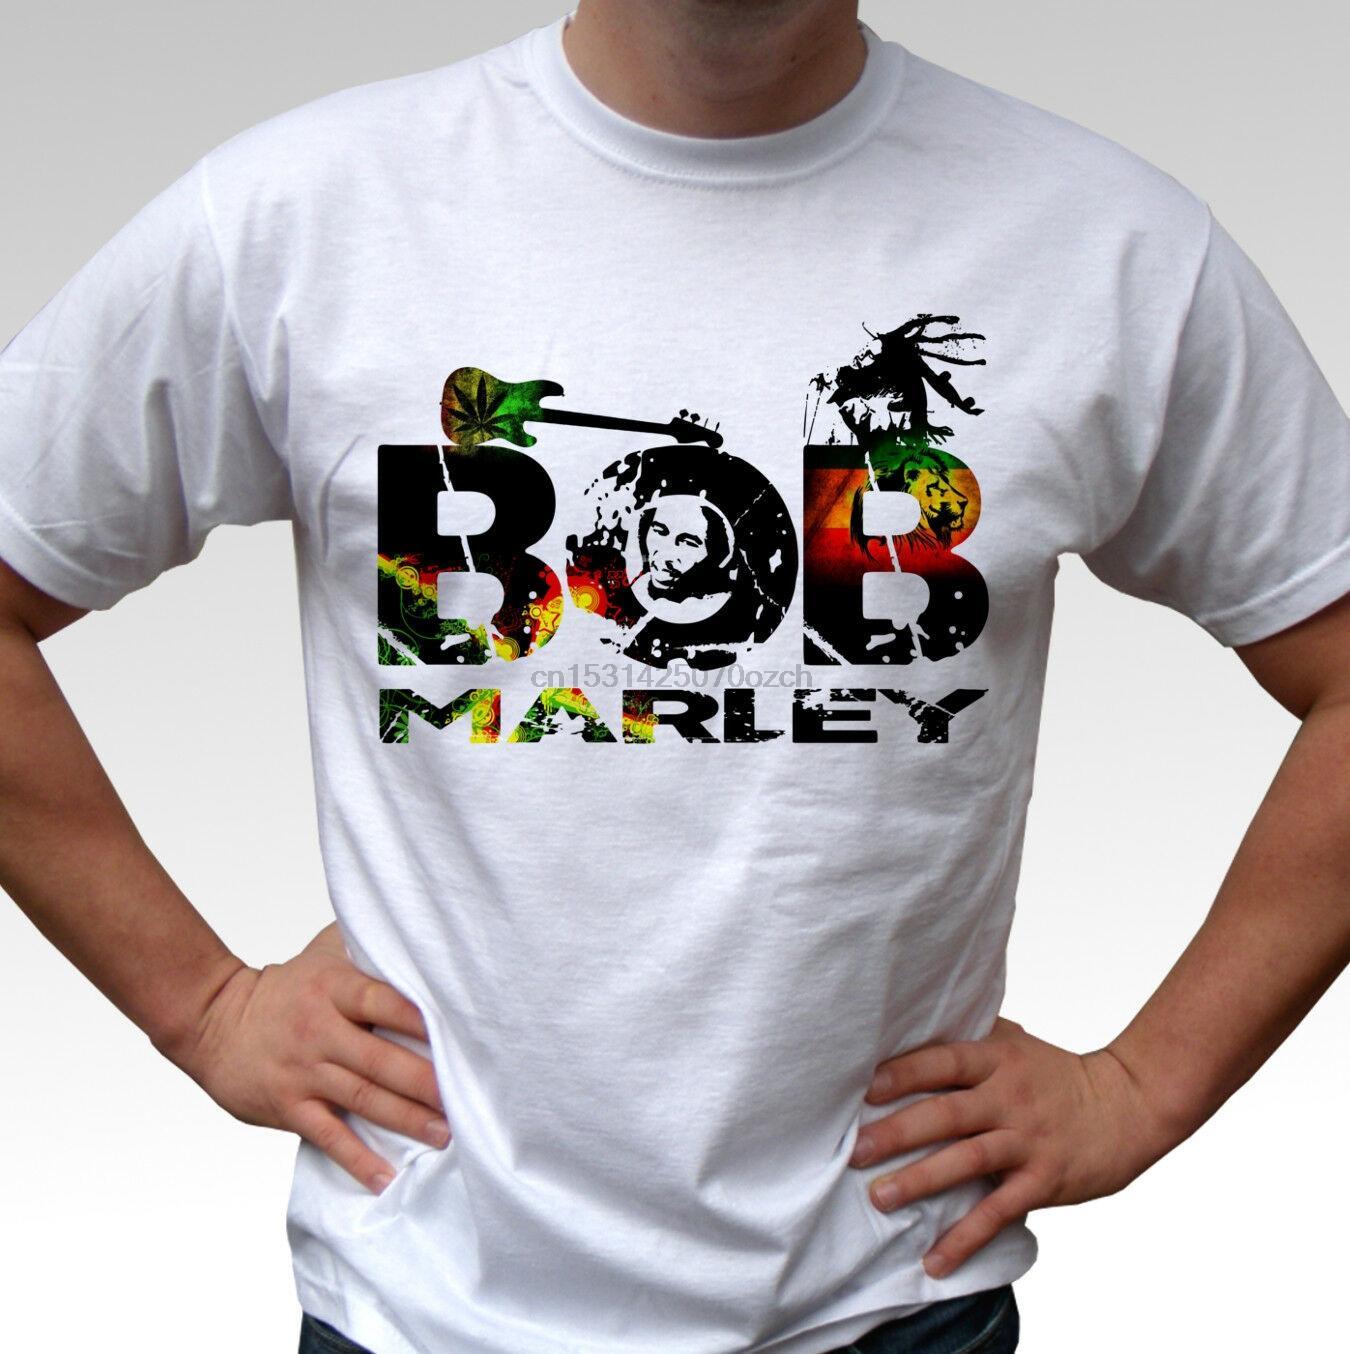 Bob Marley Diseño T Camisa blanca Rasta Reggae Top para hombre de 2020 nueva de la manera Ropa de la marca O-Cuello adolescente camiseta camisetas frescas